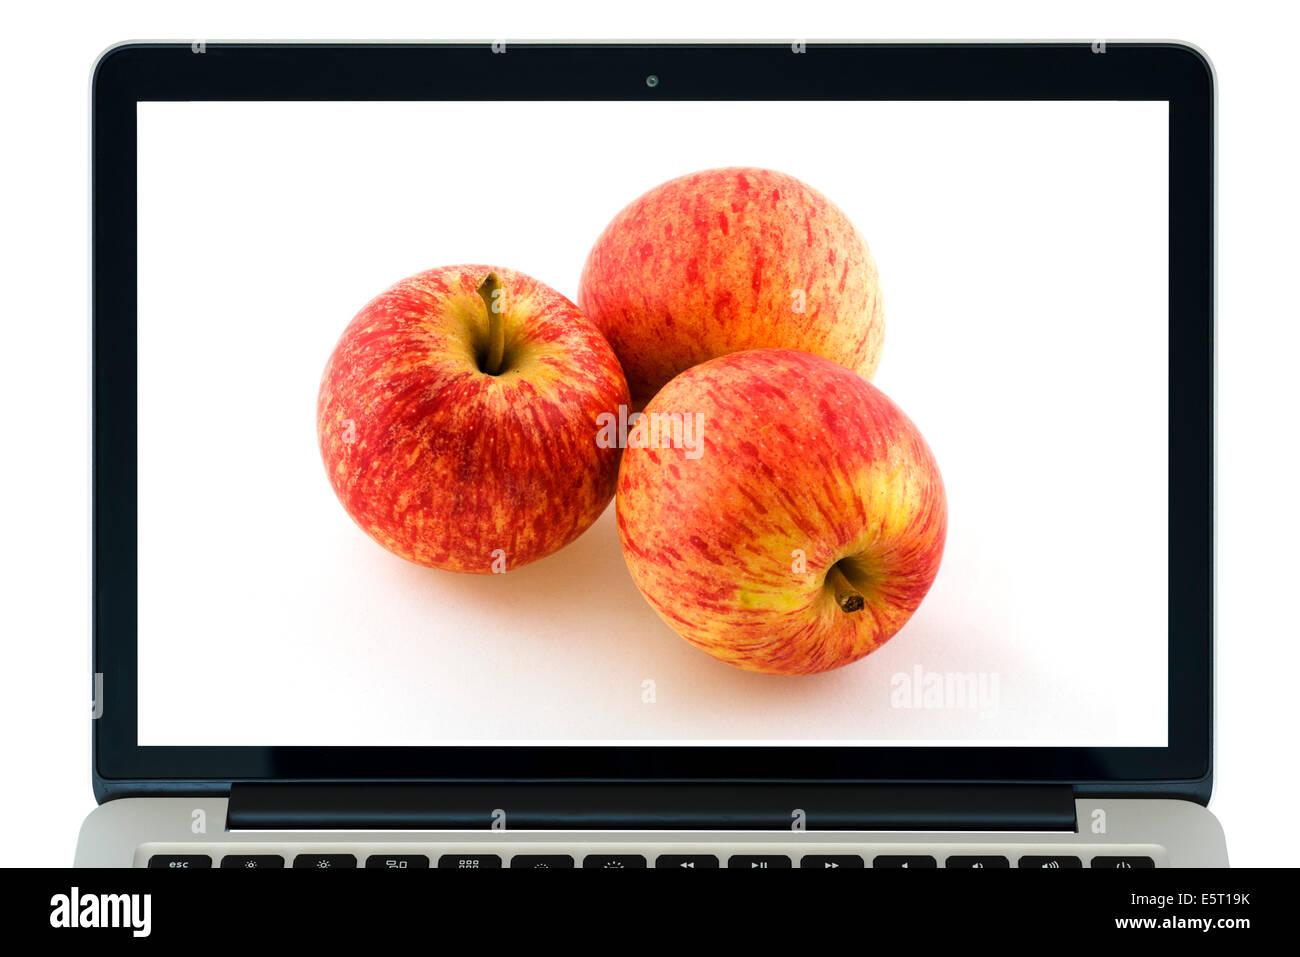 Apple MacBook Pro Retina 13' Imagen De Stock